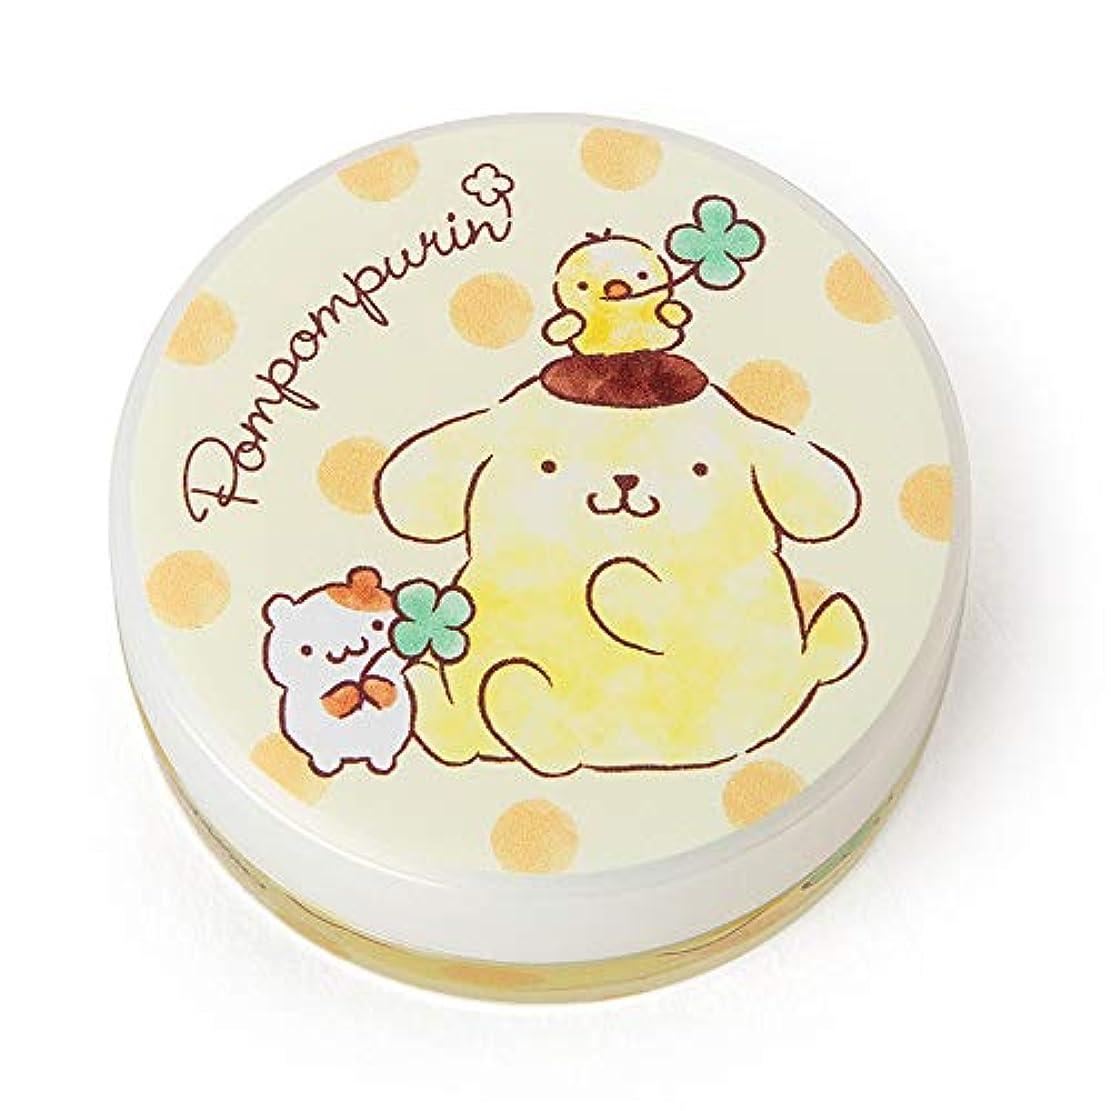 グリーンバック指紋洗剤ポムポムプリン フルプルクリーム(なかま)